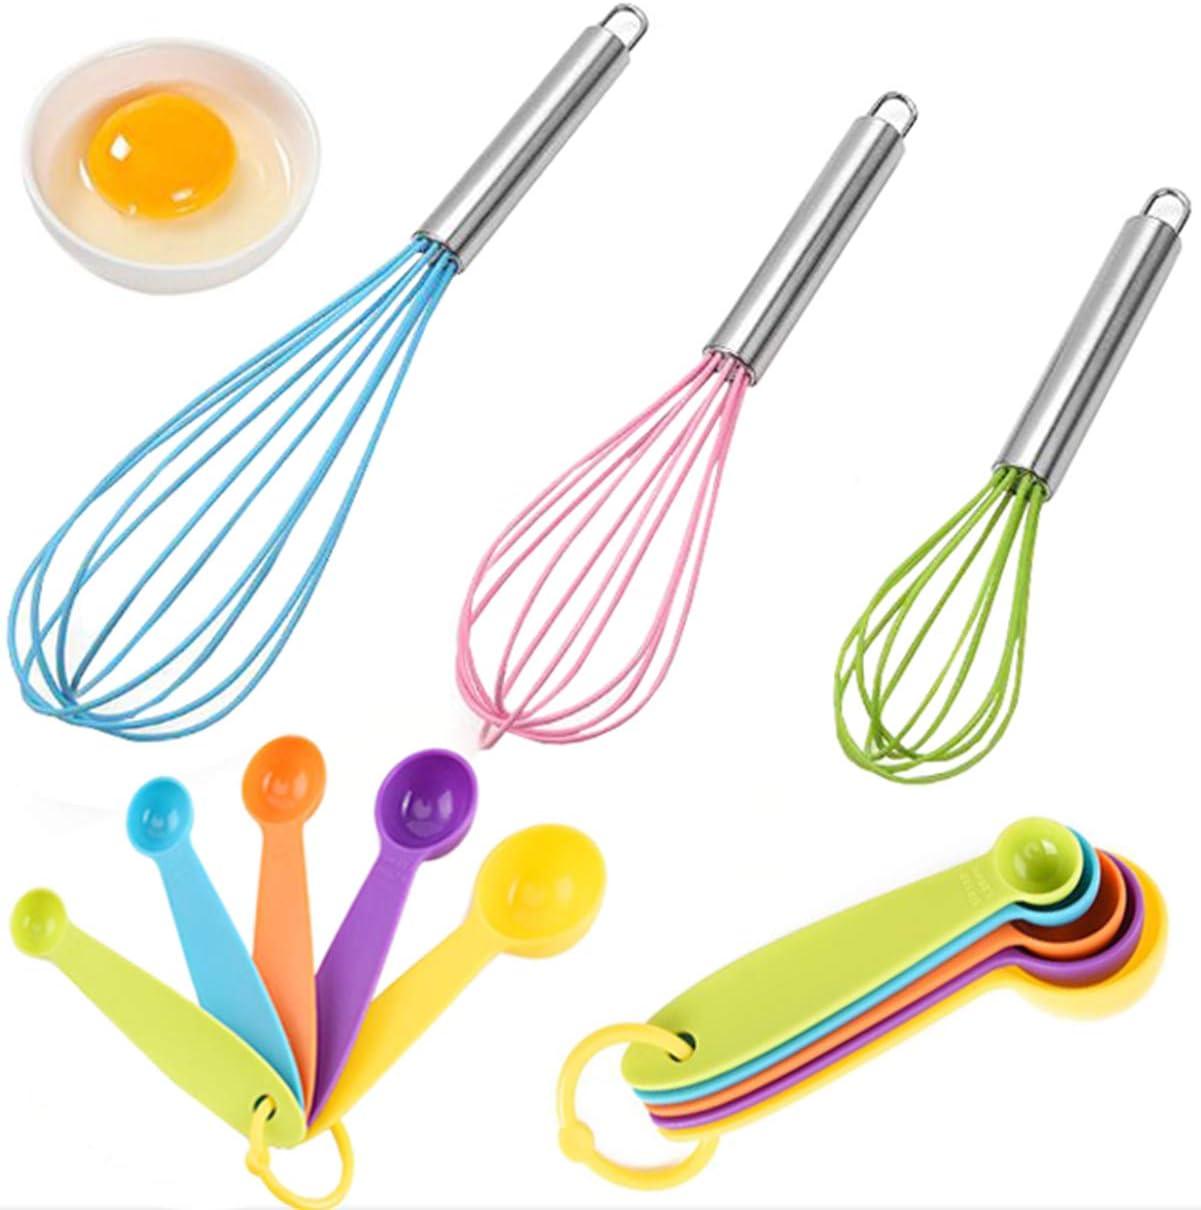 Colore Casuale liuer 3PCS Frusta a Mano,Fruste da Cucina in Silicone con Cucchiai Dosatori Frustino per Battere e Mescolare